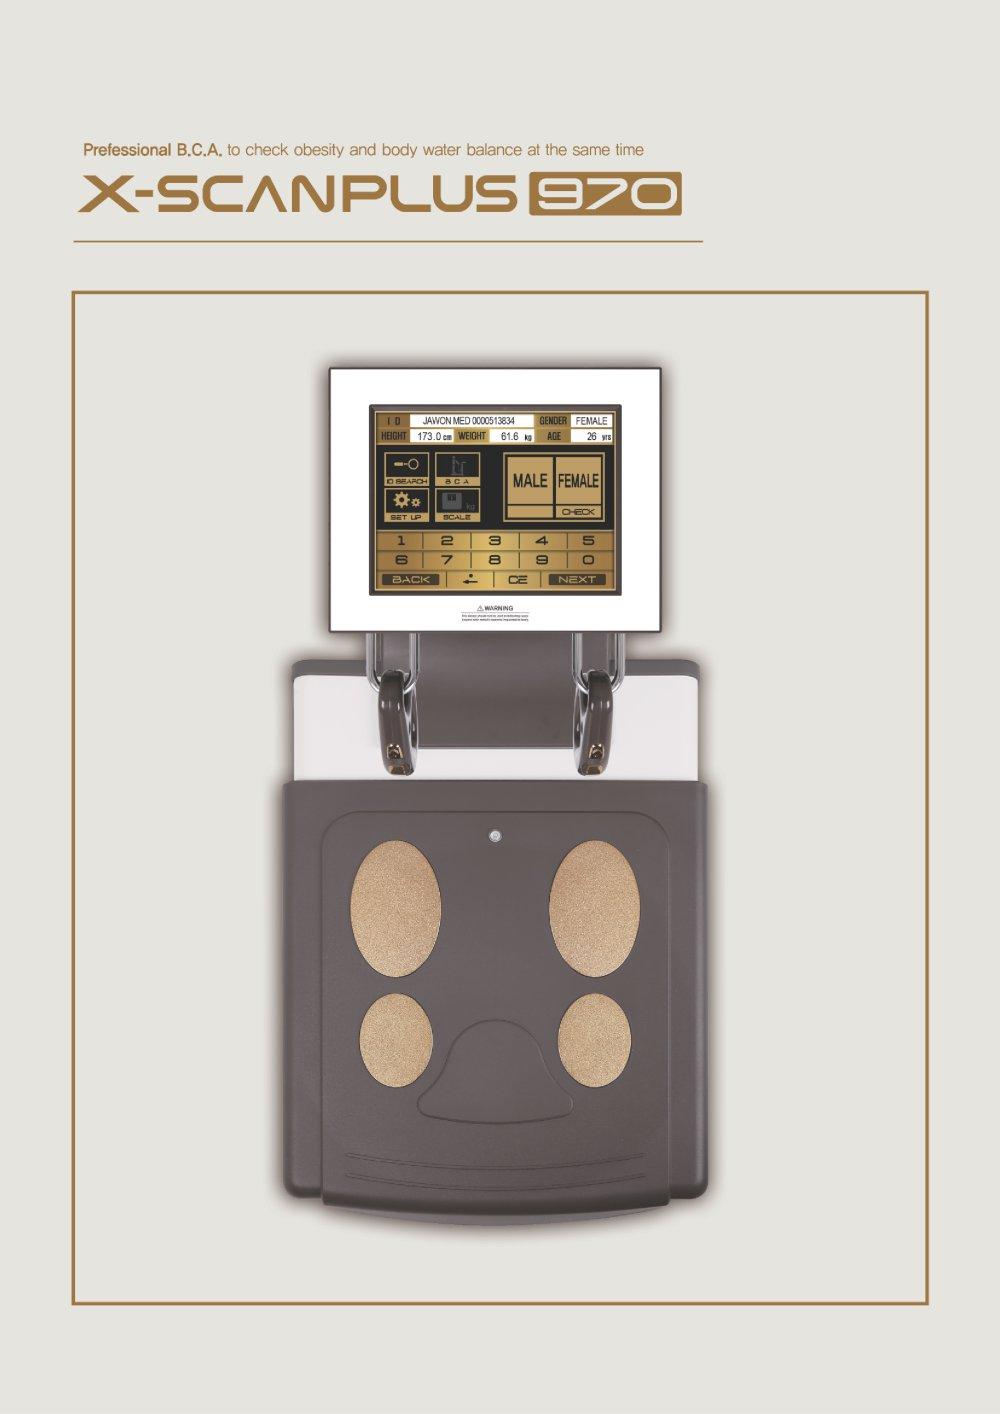 دستگاه آنالیزترکیبات بدن مدلX-SCAN PLUS 970